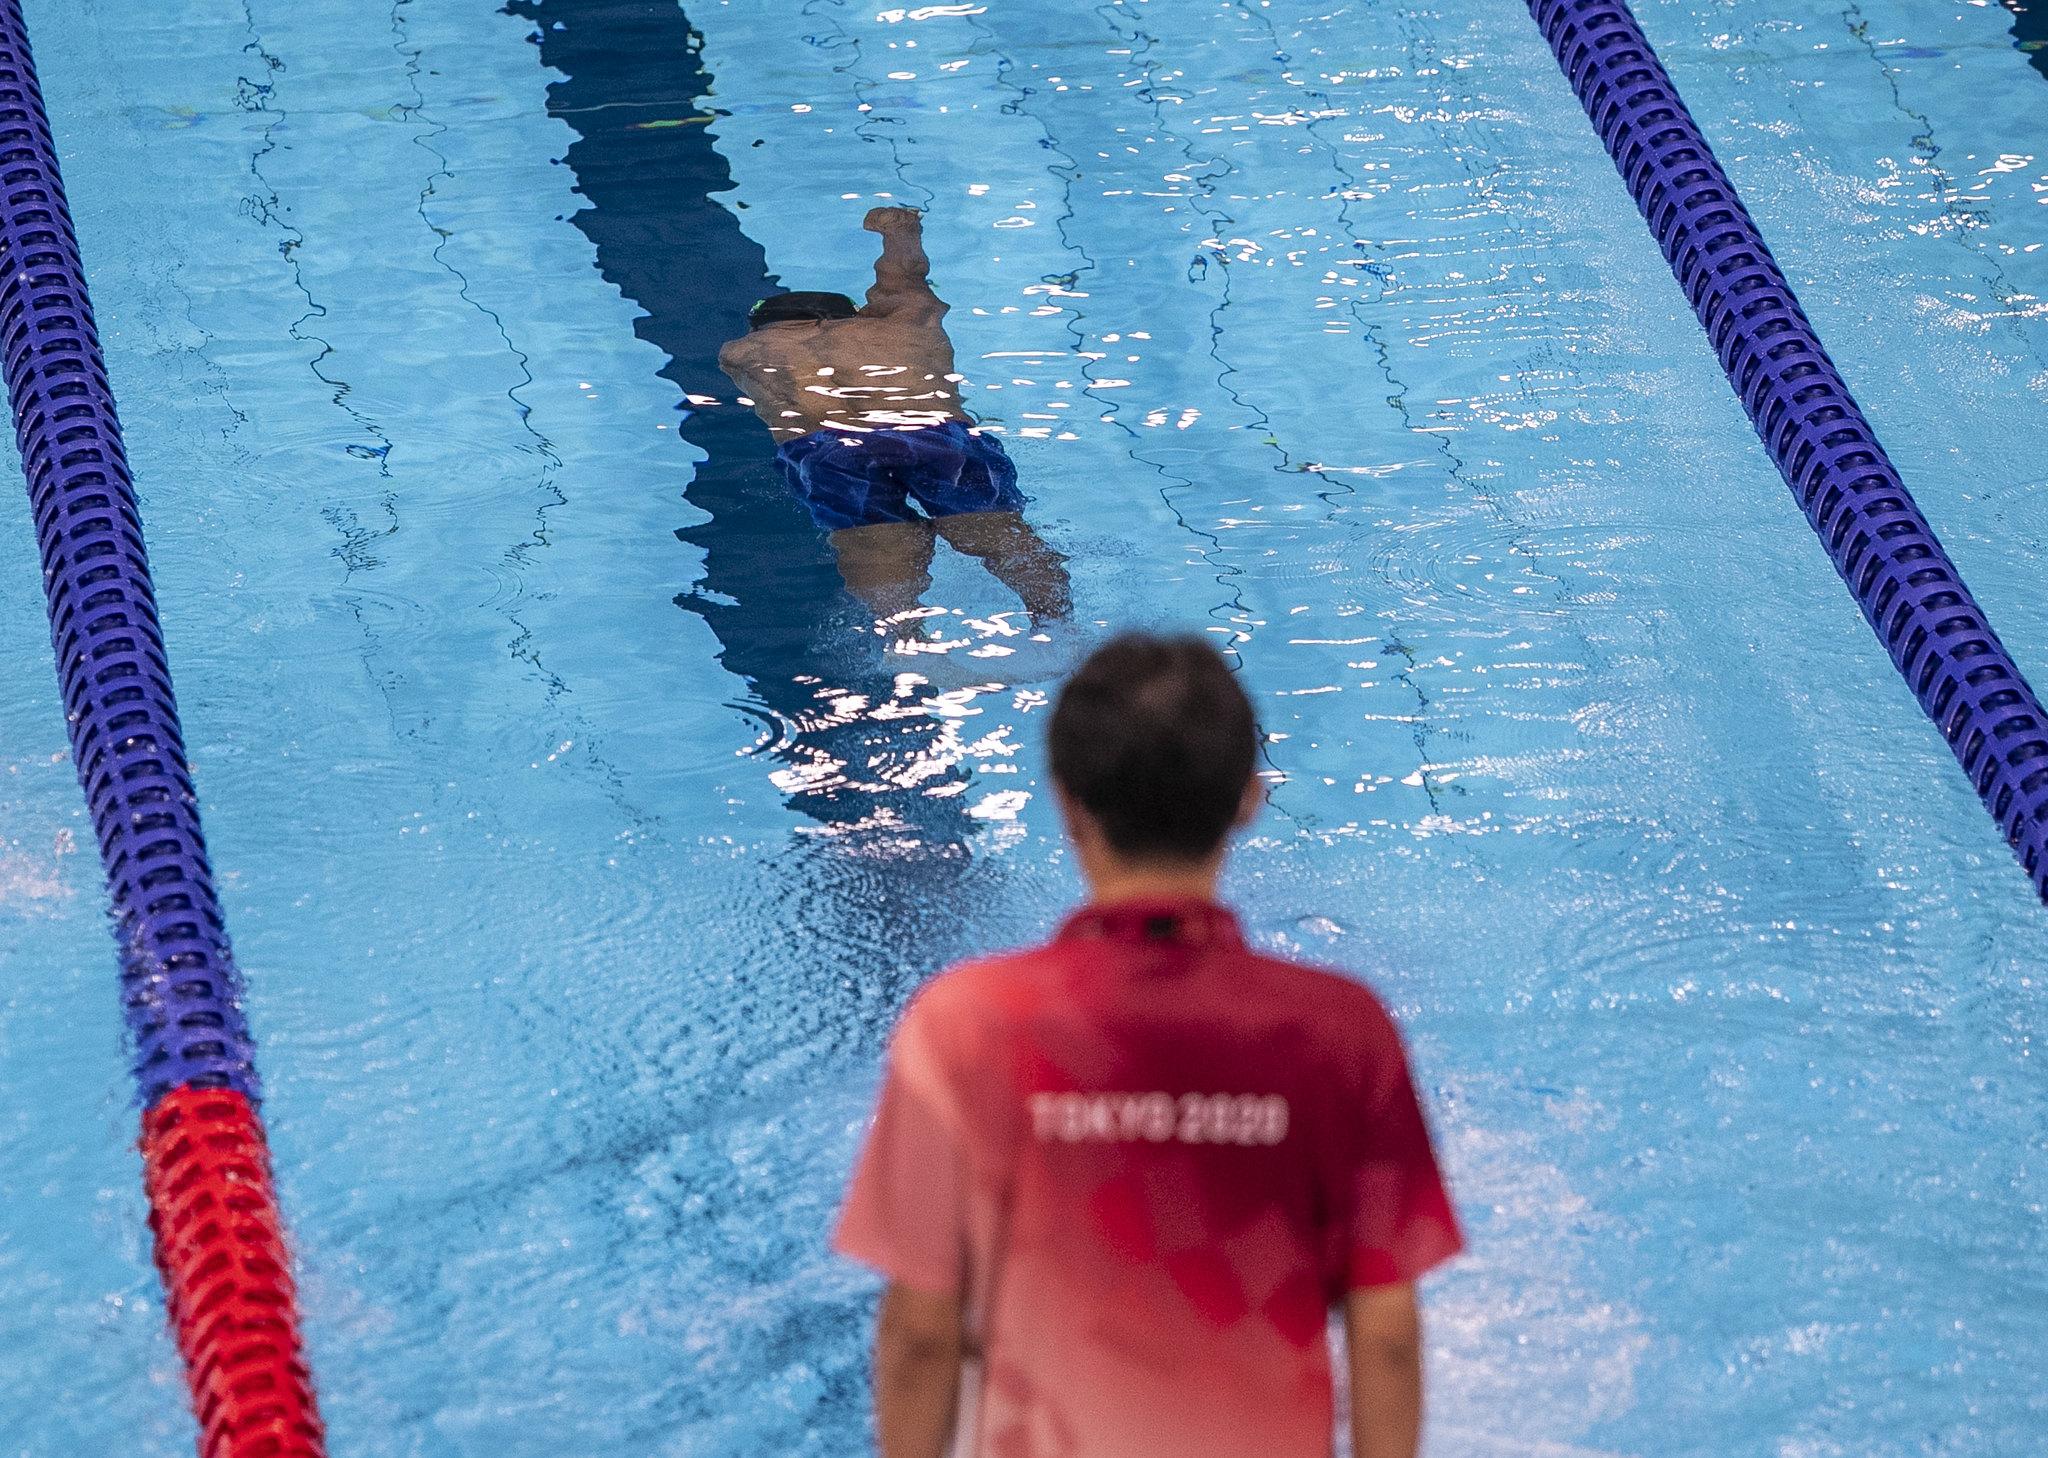 pessoa com camisa vermelha escrita Tóquio 2020 acompanha nadador paralímpico na piscina